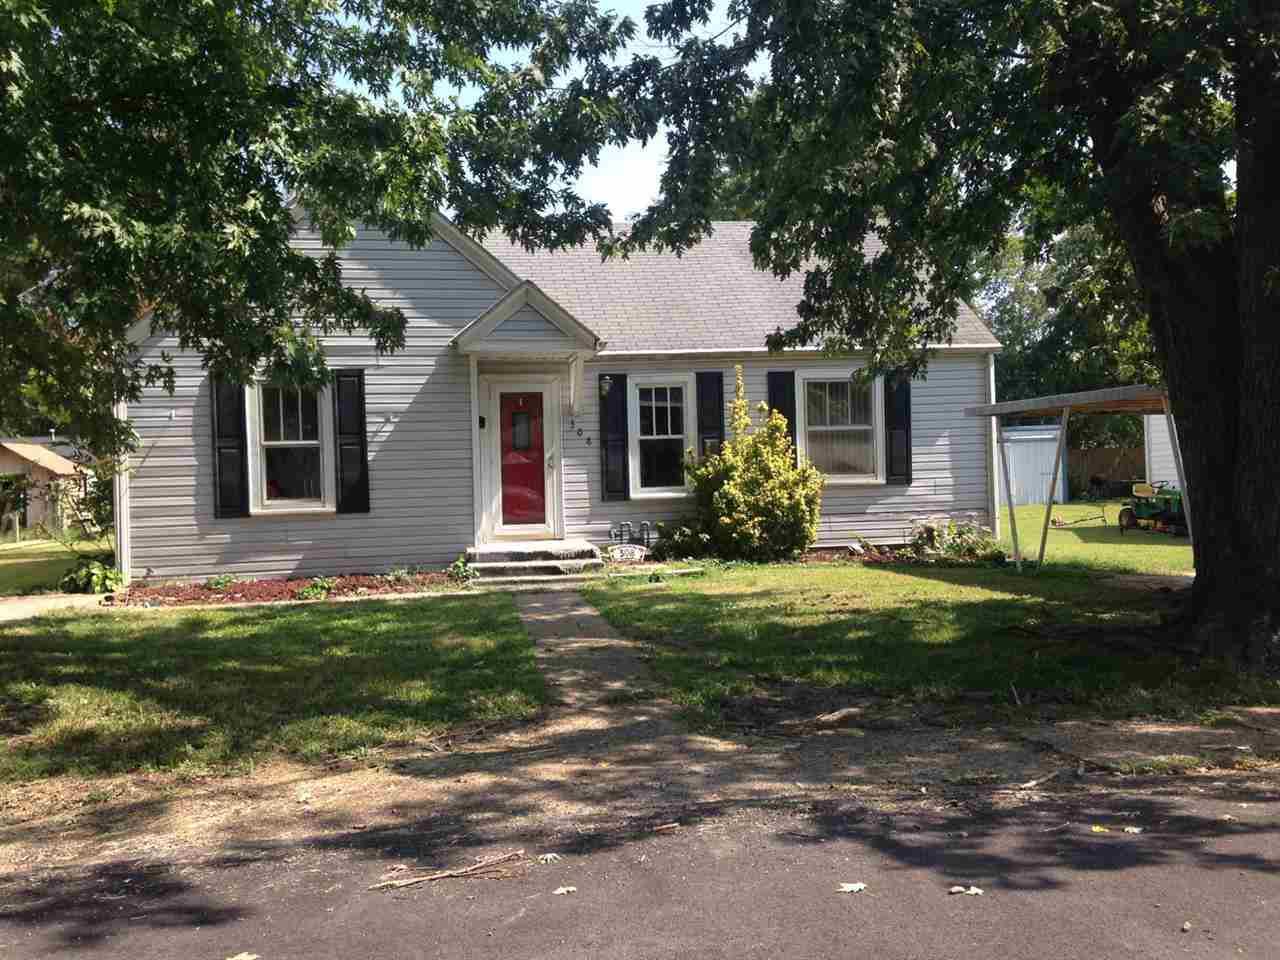 Real Estate for Sale, ListingId: 30247188, Advance,MO63730